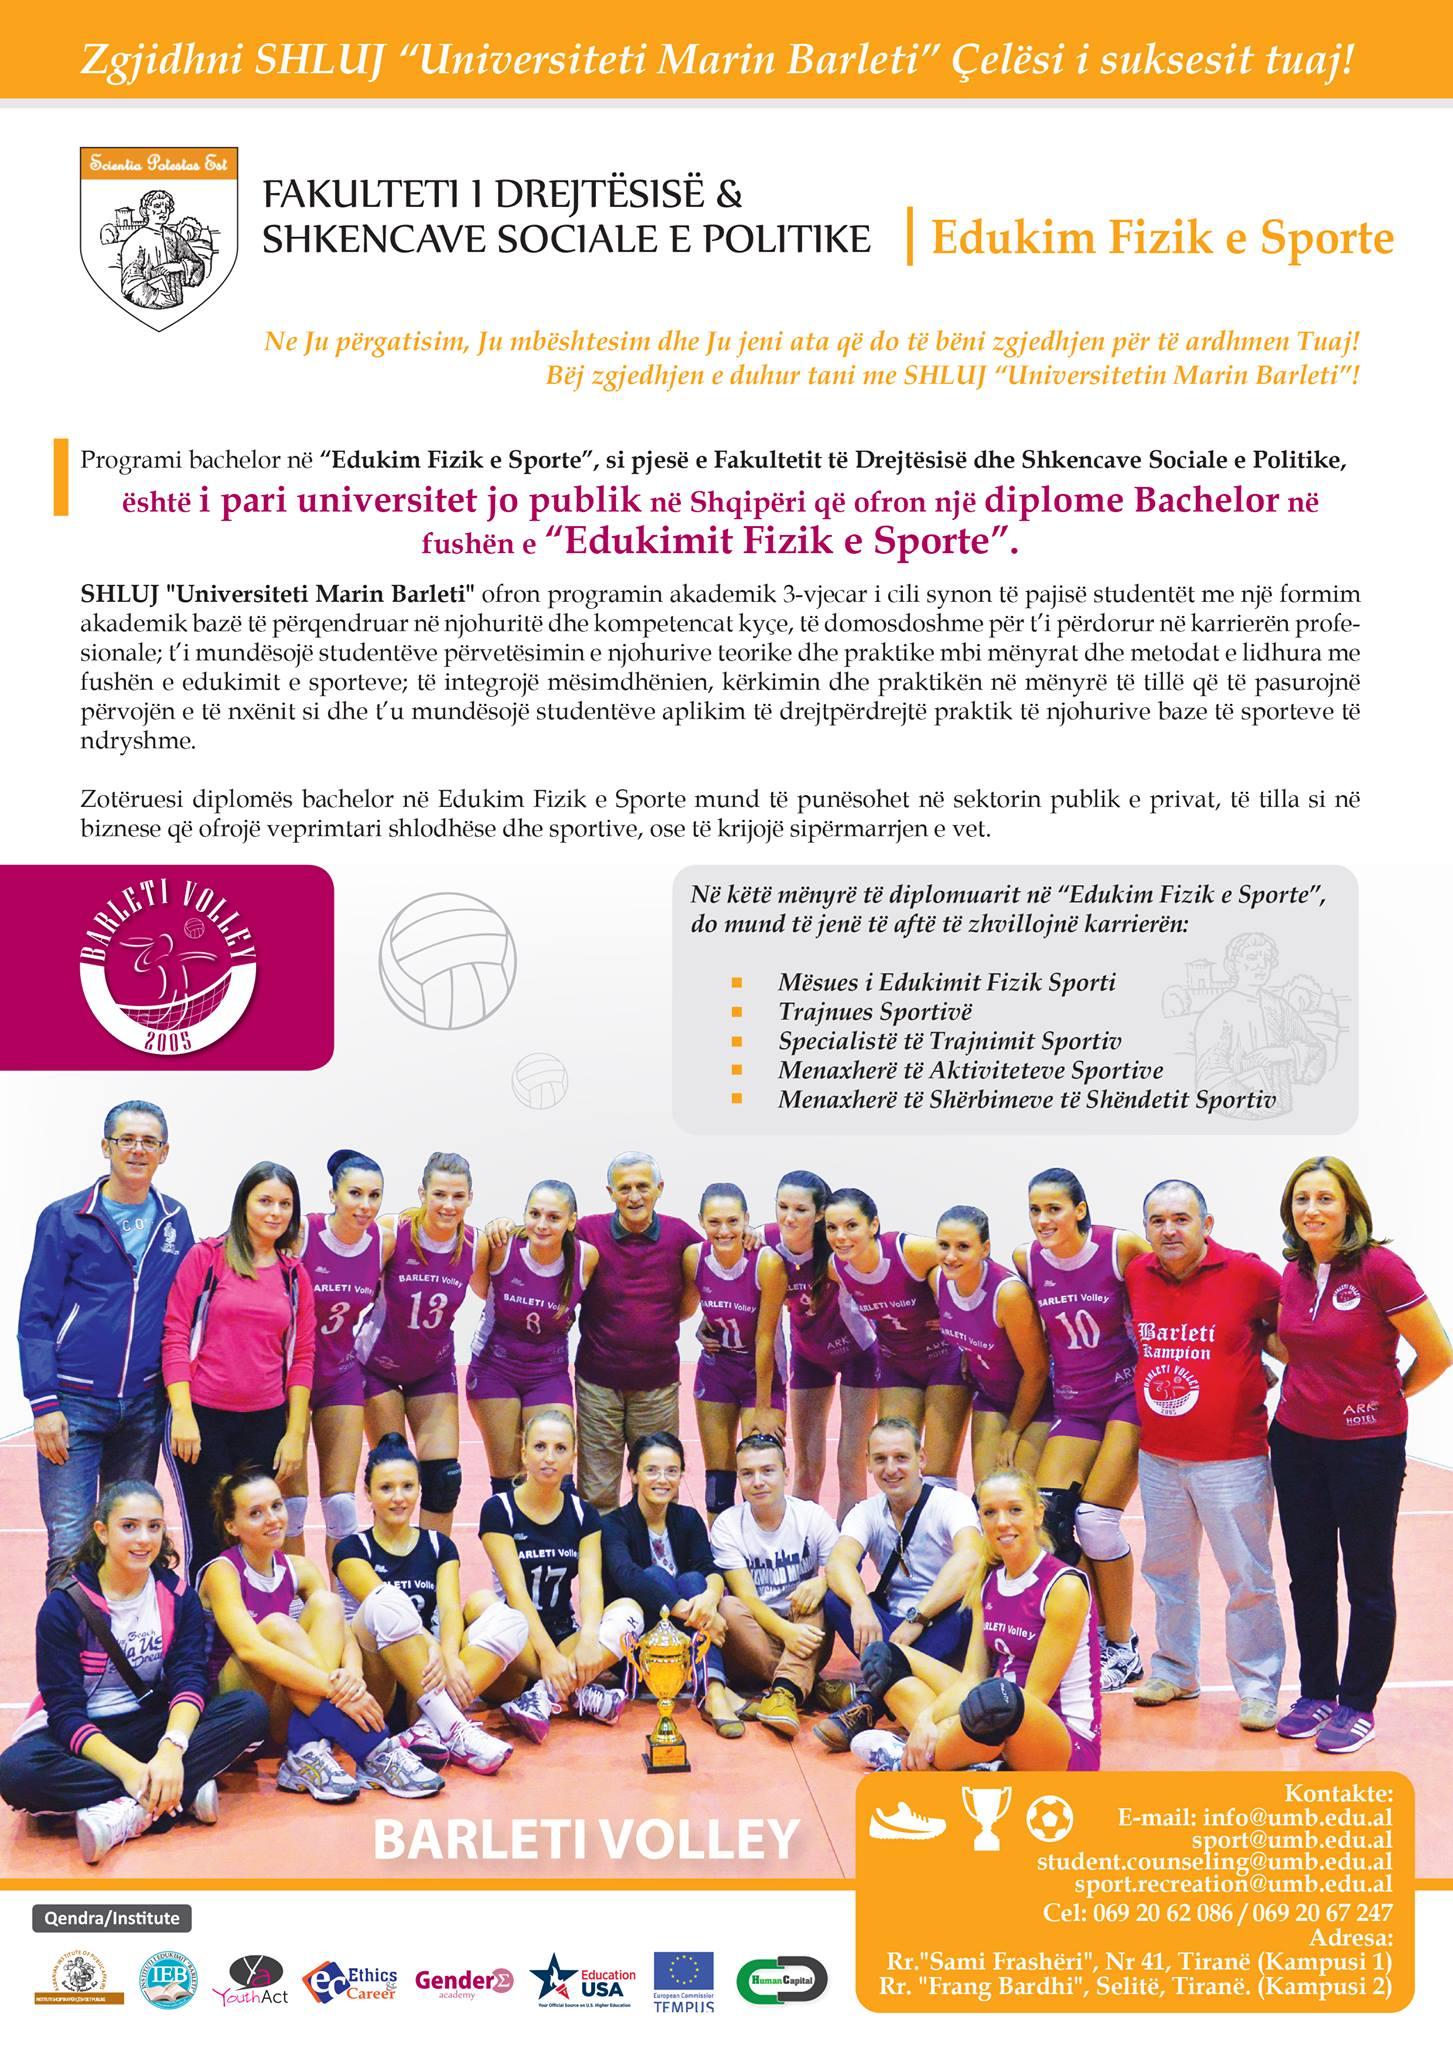 Njoftim për konkursin e pranimit në degën Edukim Fizik dhe Sporte